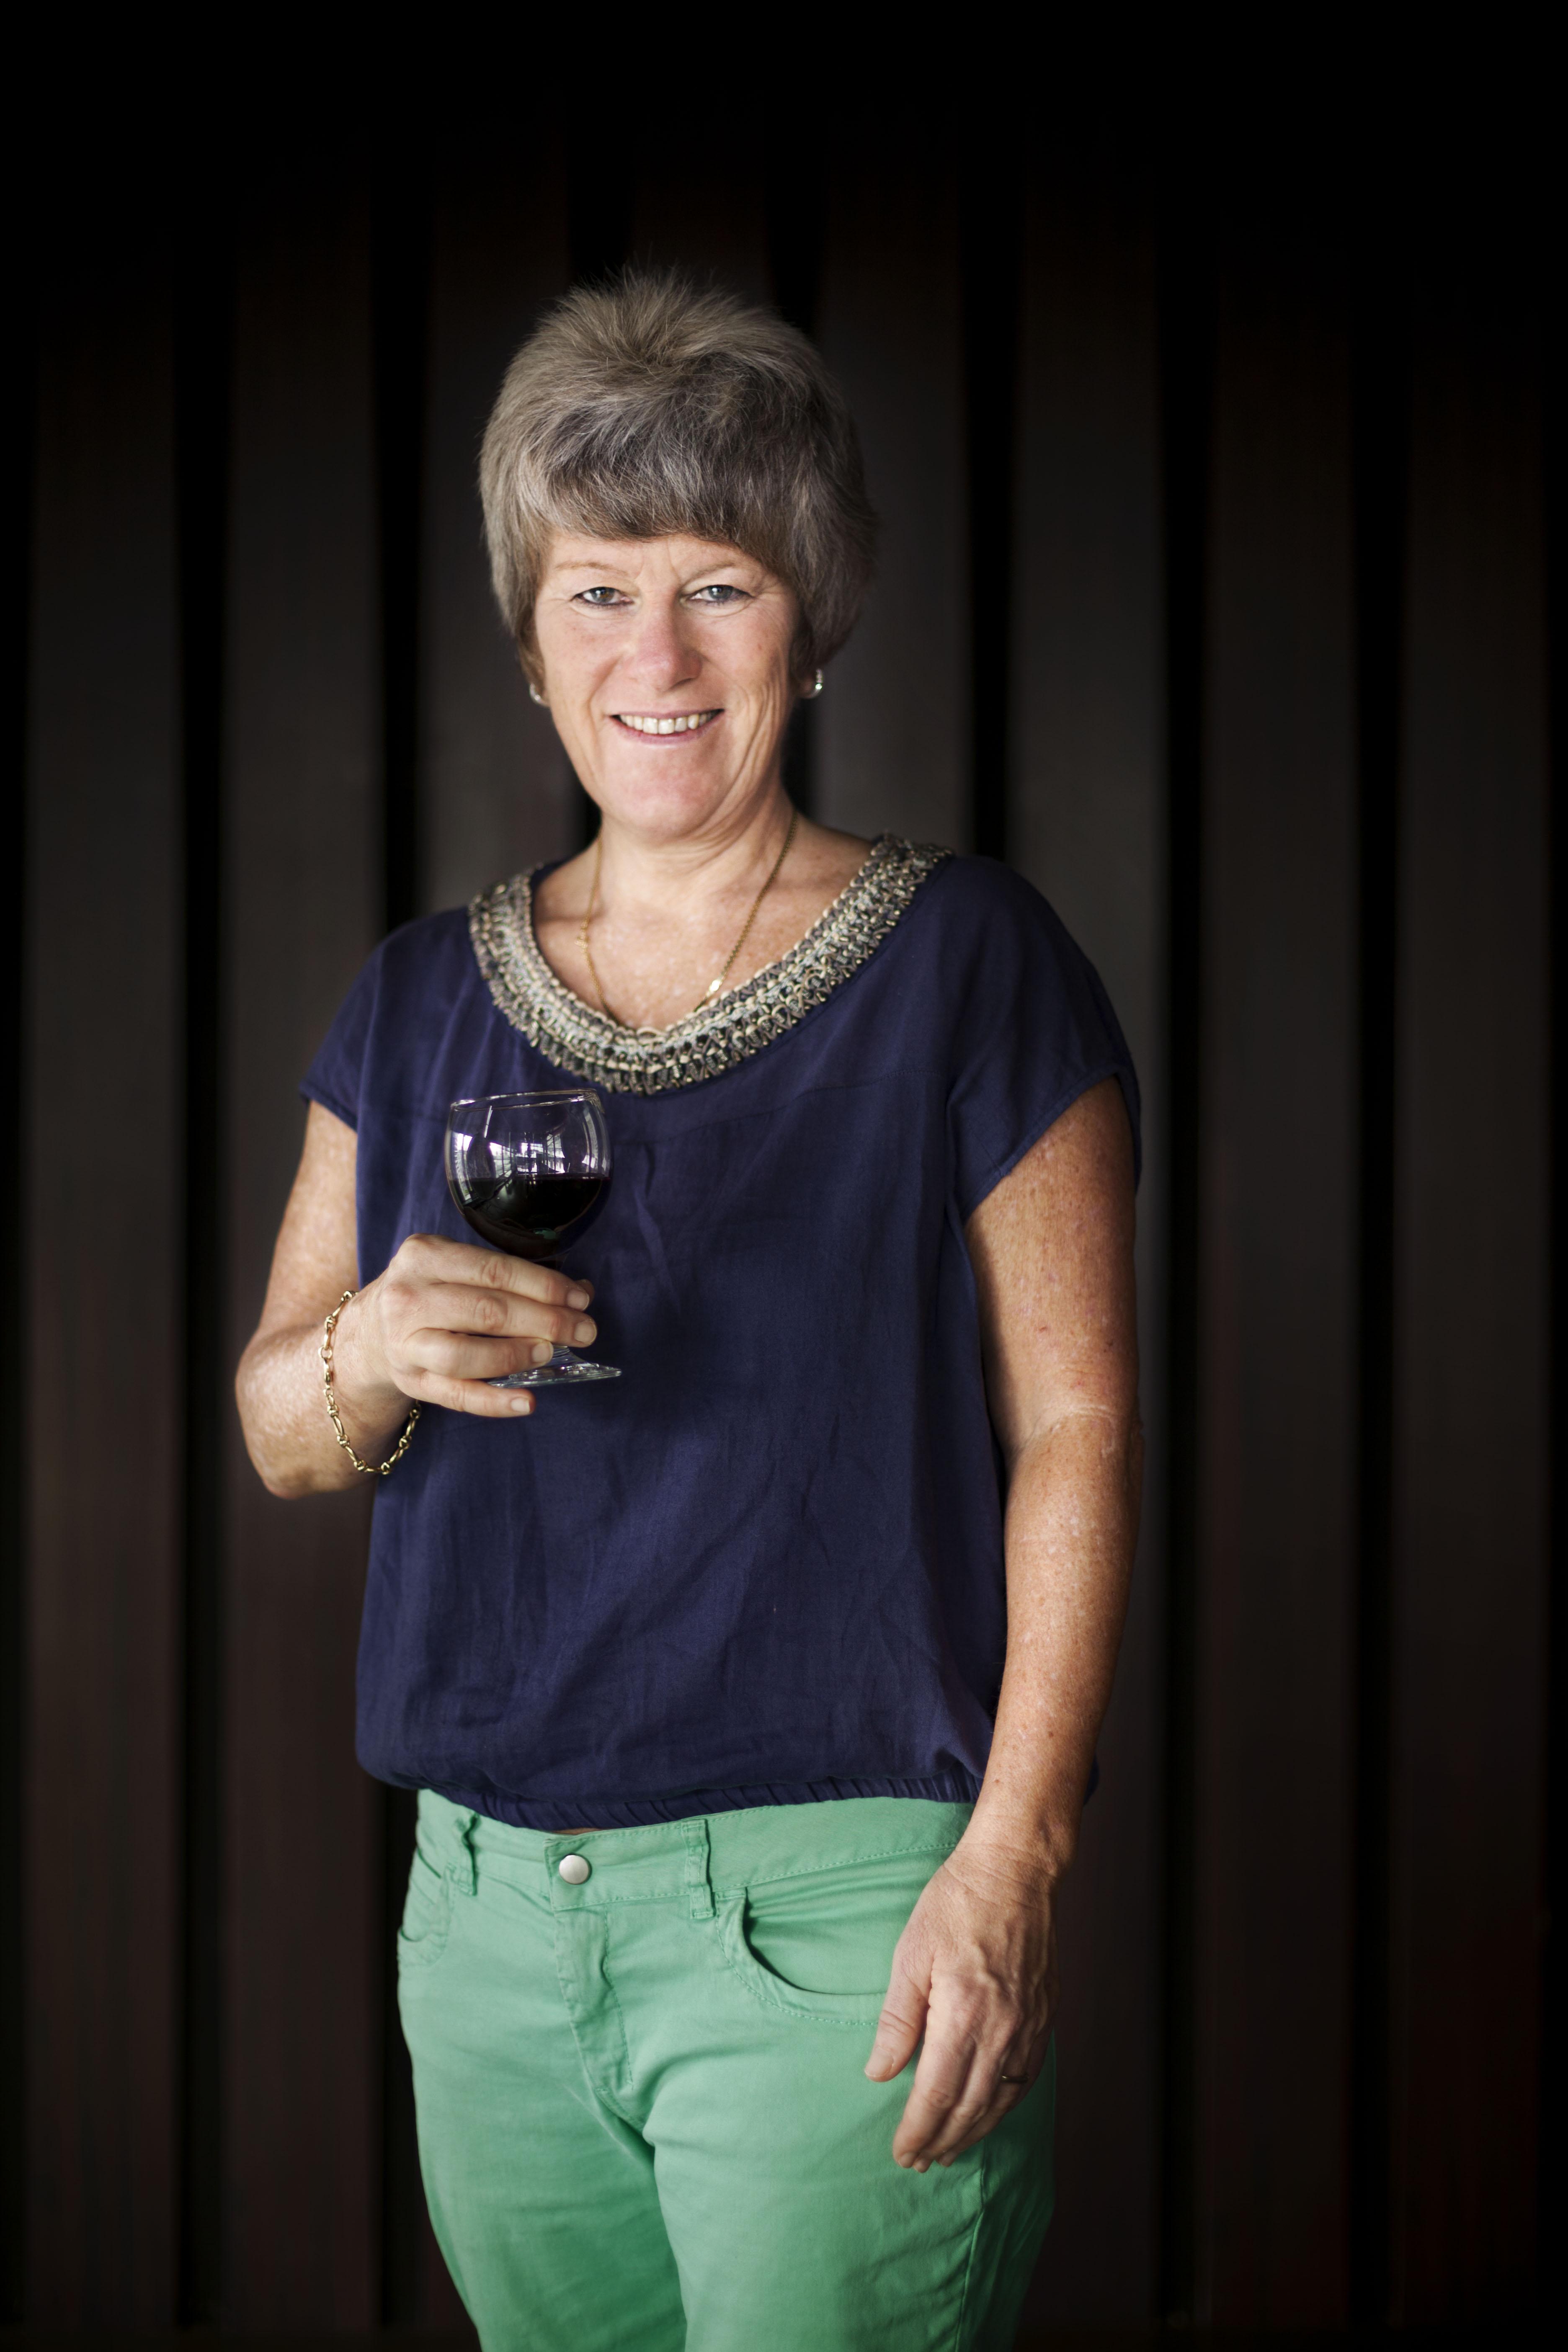 常驻亚洲的葡萄酒大师都有谁?